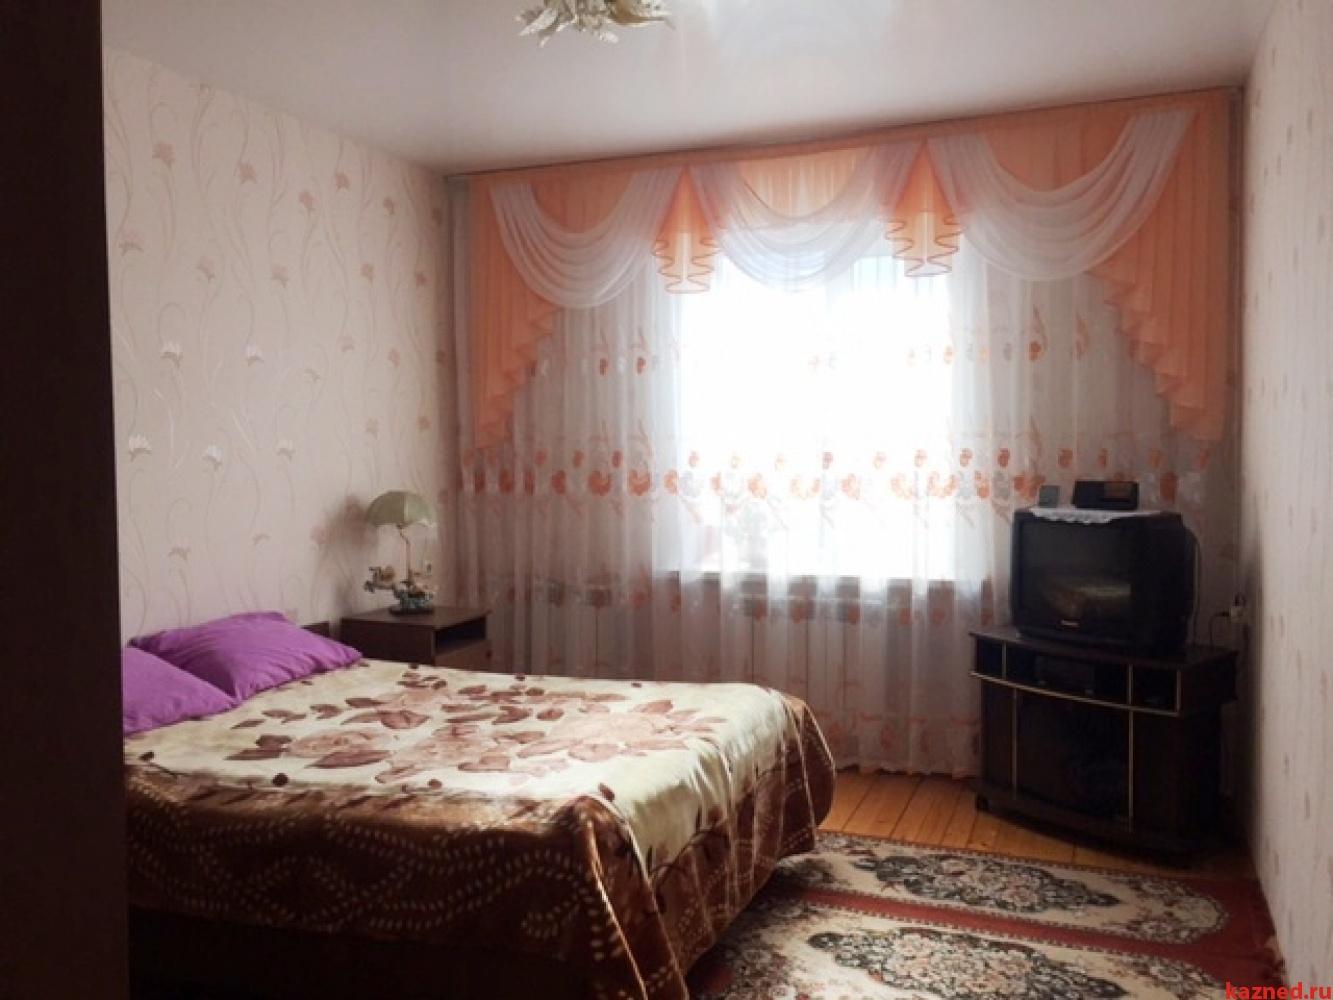 Продажа  Дома пос.Залесный, ул. Варшавская, 115 м2  (миниатюра №6)